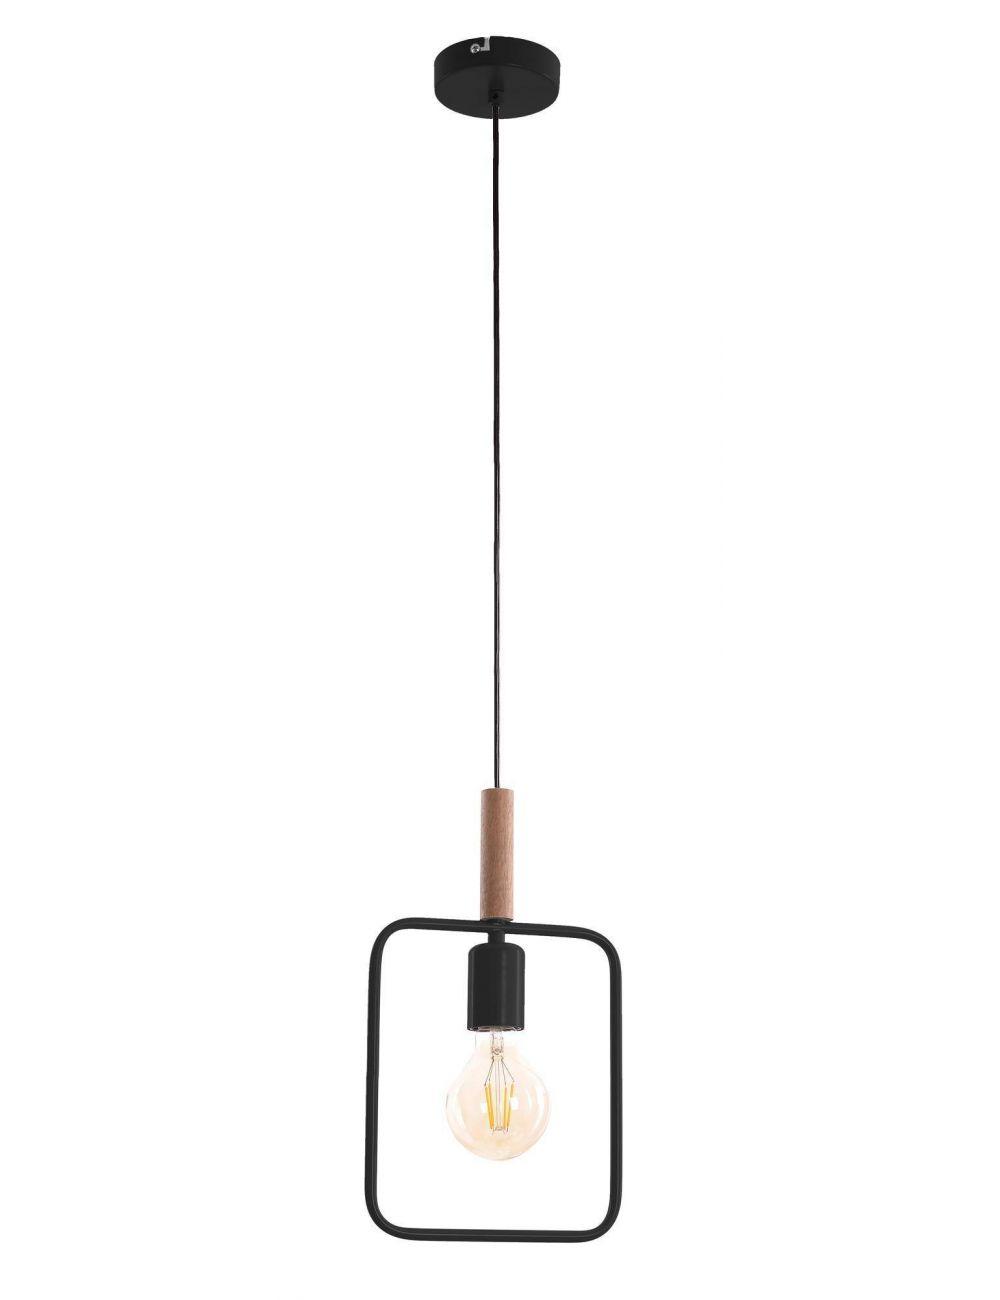 LAMPA SUFITOWA WISZĄCA CANDELLUX FRAME 31-73501CZARNY